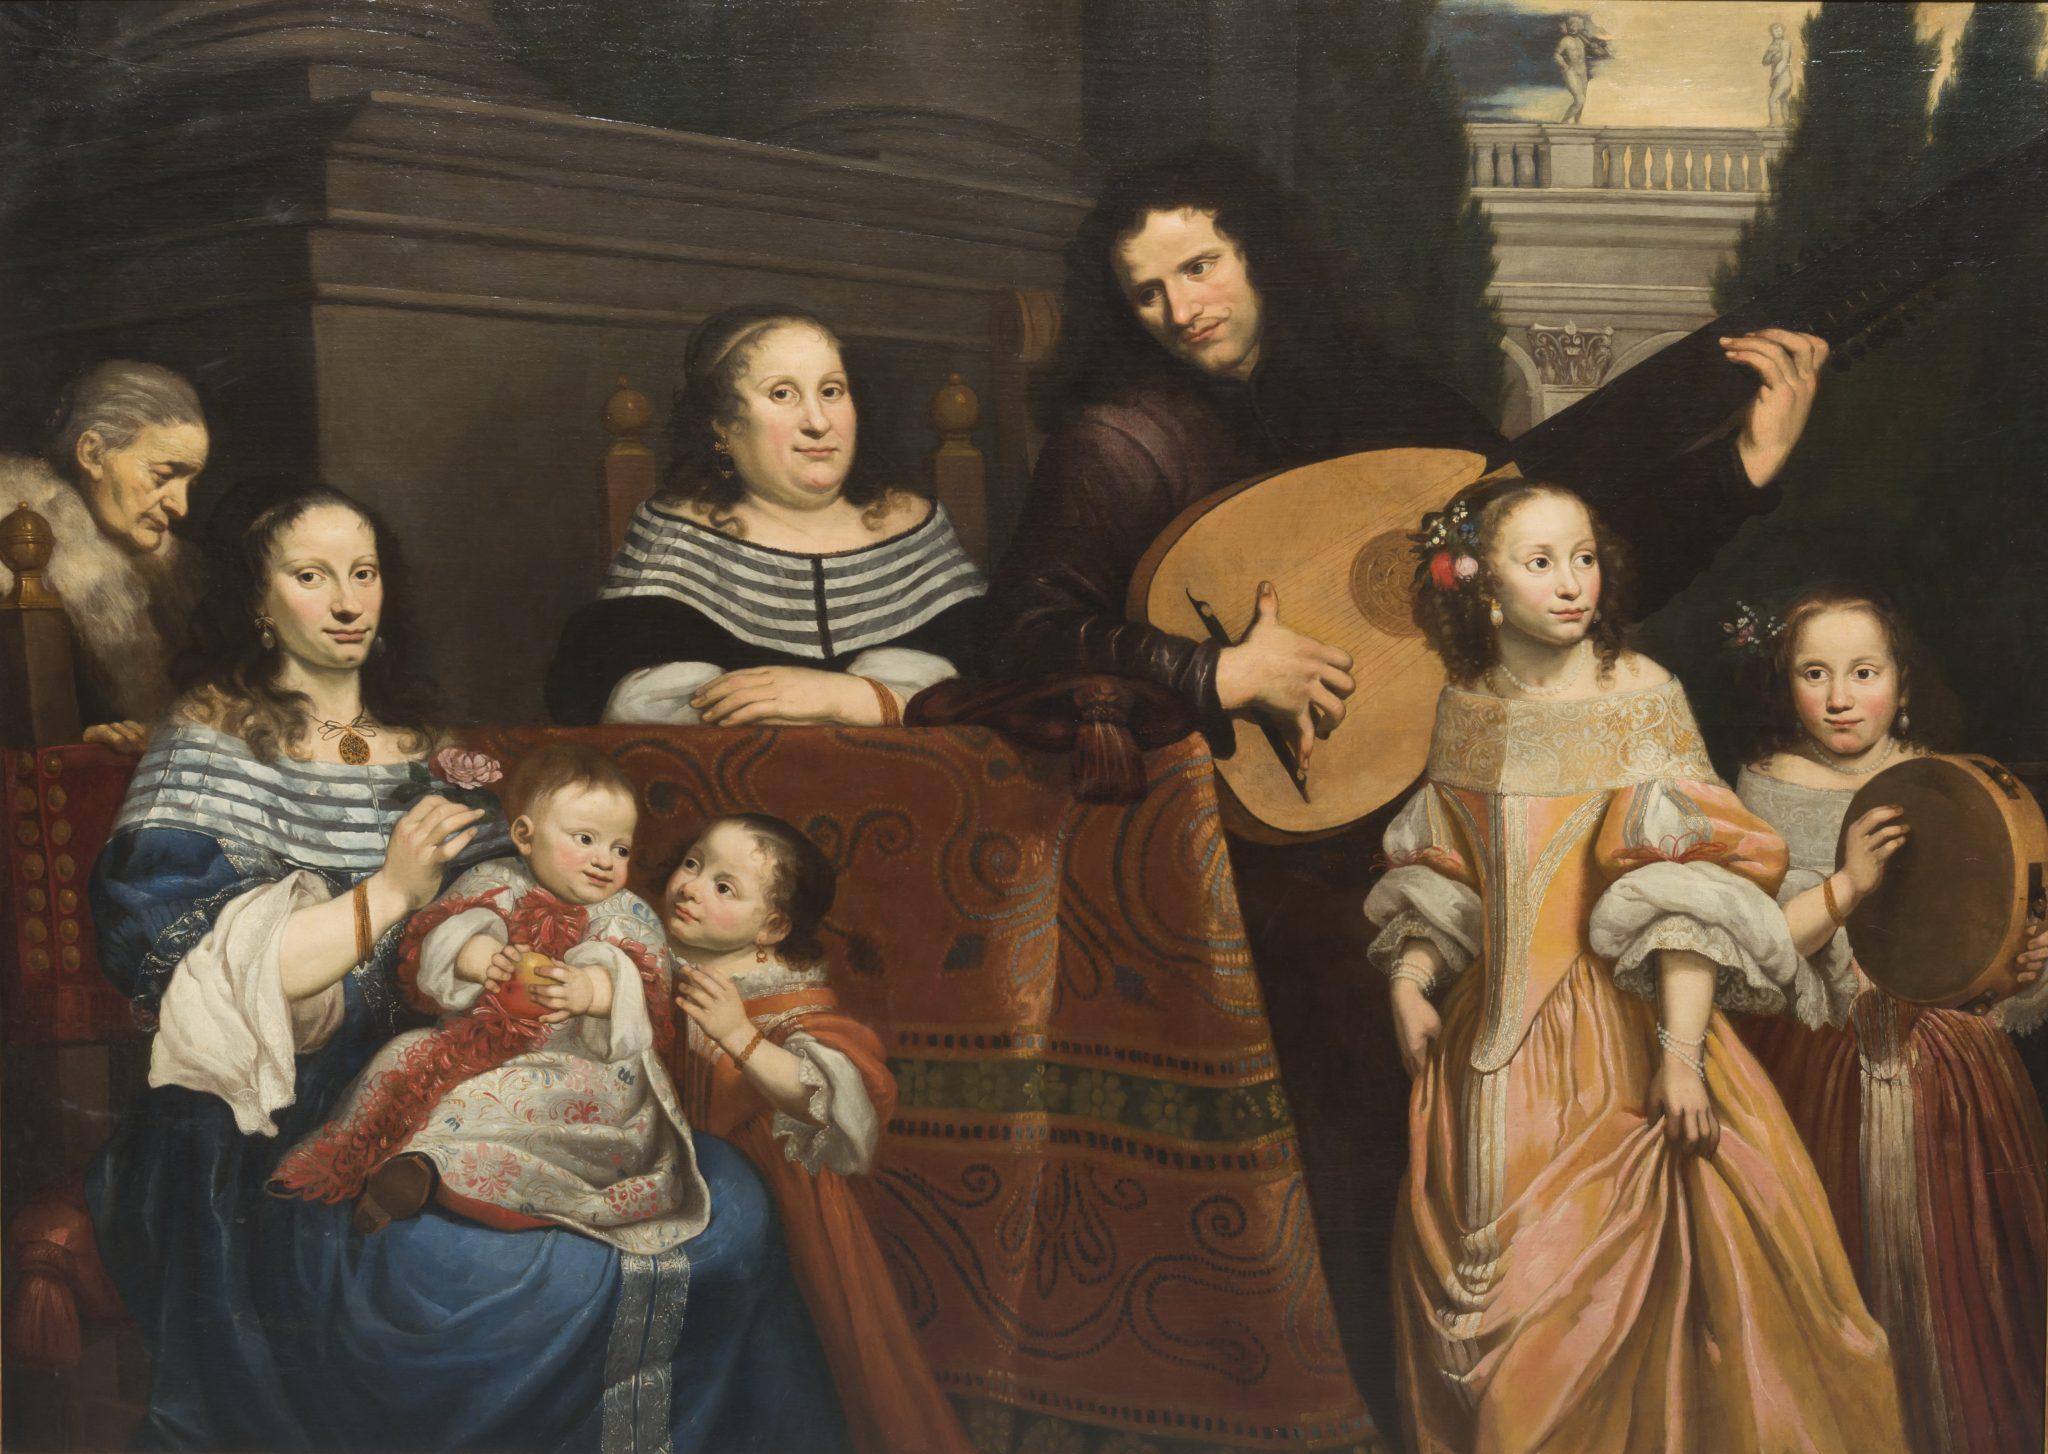 Un dipinto di Jan de Bray stima 60 mila € da Babuino